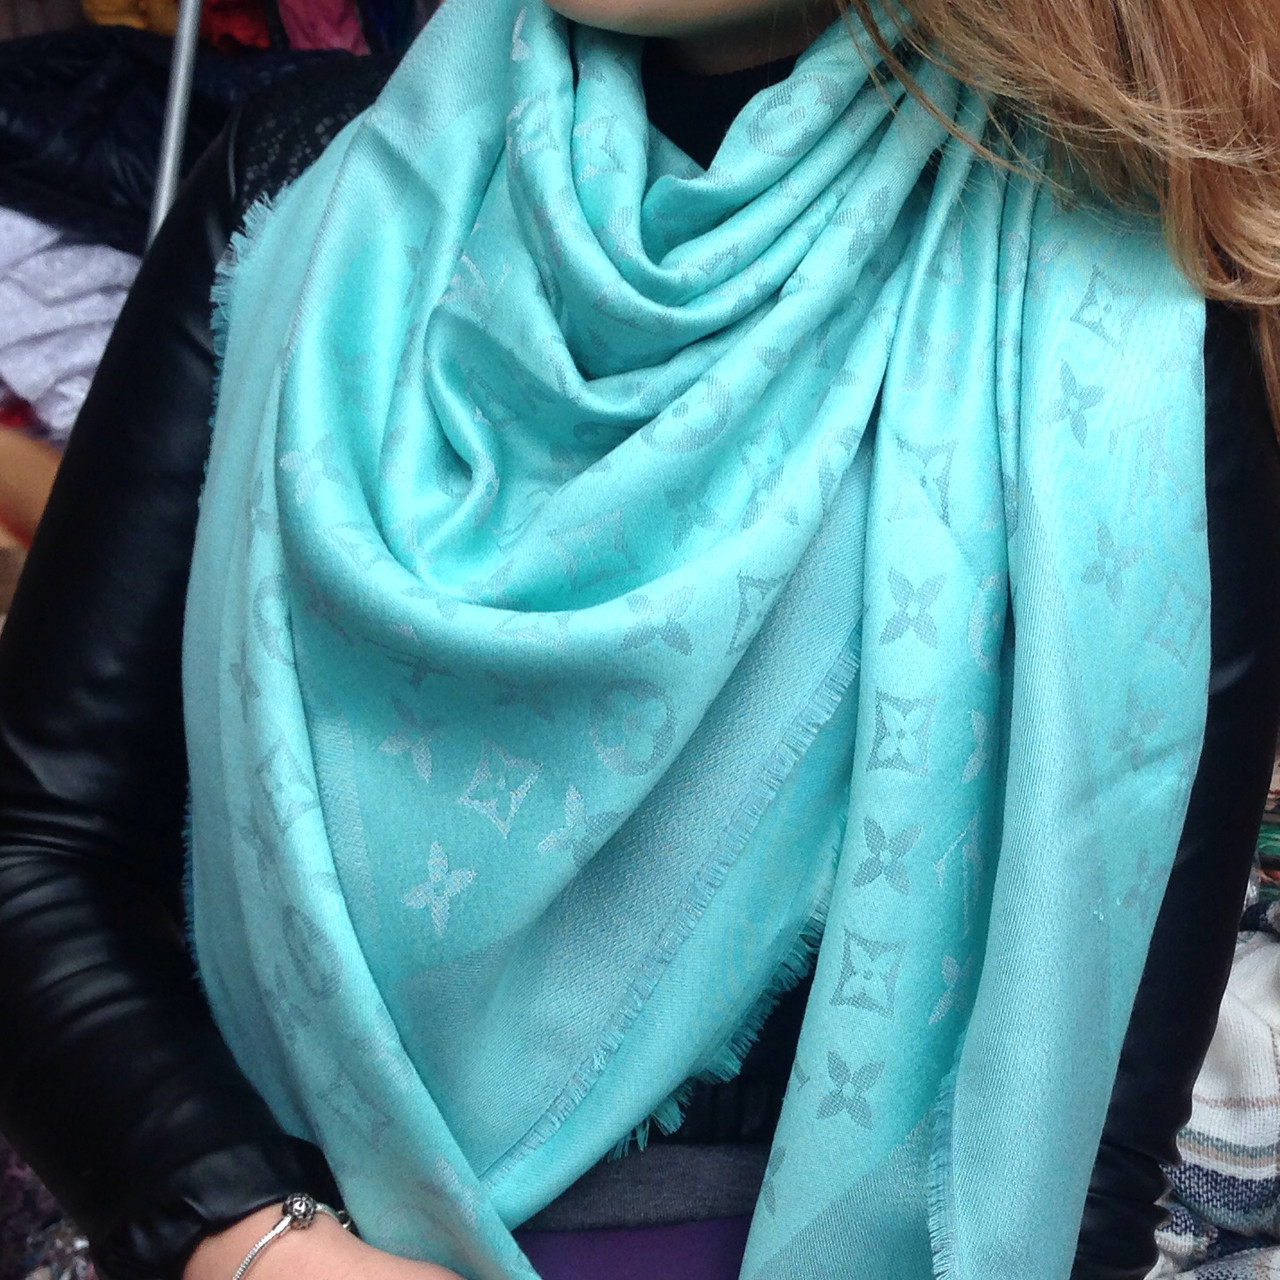 Шарф платок женский в стиле Louis Vuitton с люрексом - Модные вещи оптом и  в розницу 7dcdf2d6741